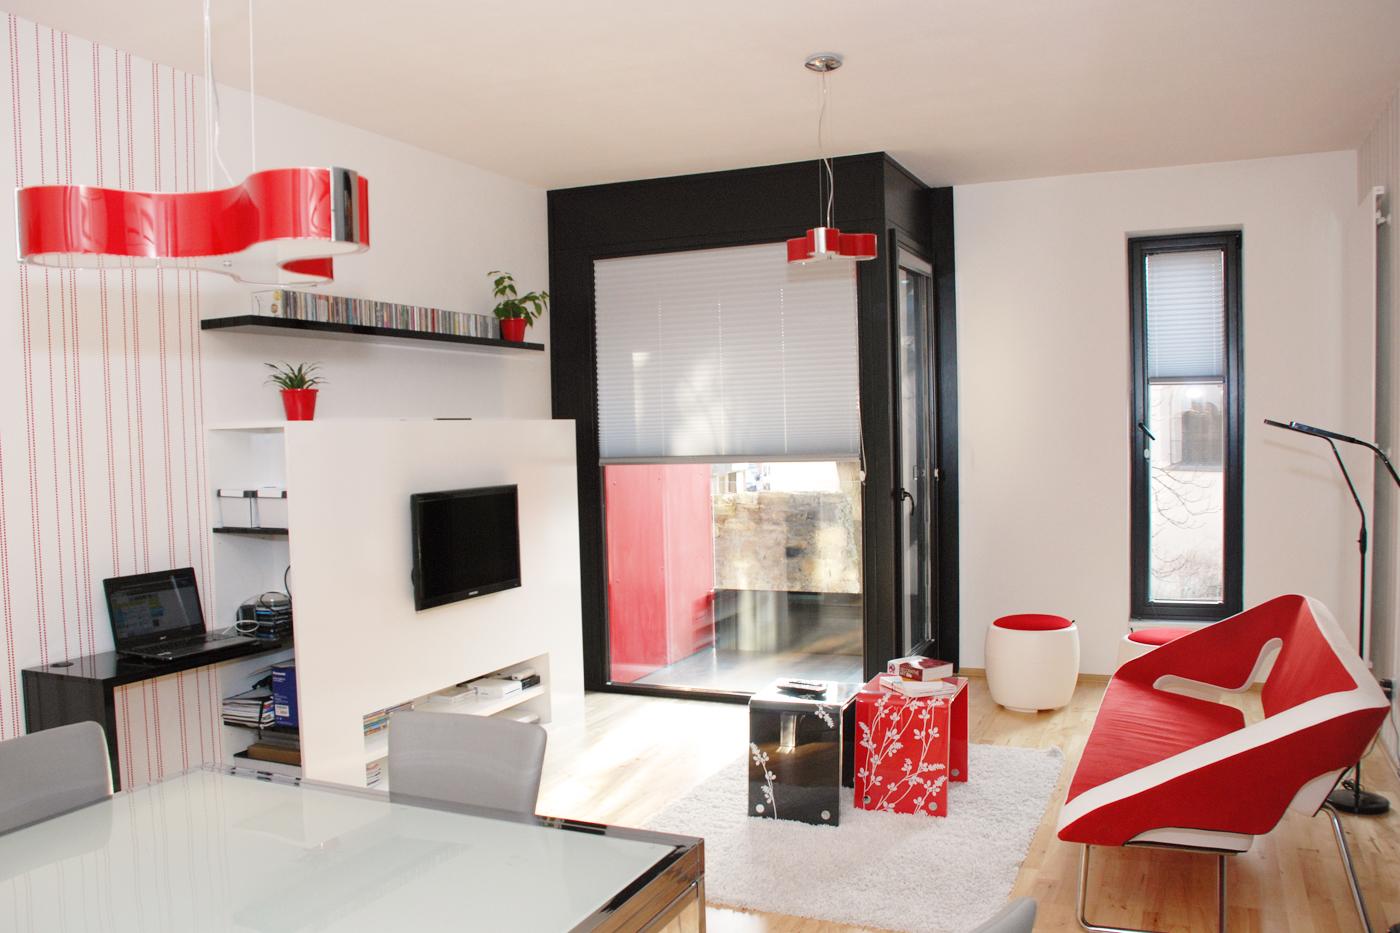 Design interiéru bytu v ostravském centru tvoří čisté linie víceúčelového TV bloku s PC stolíkem a barevně sladěný nábytek.